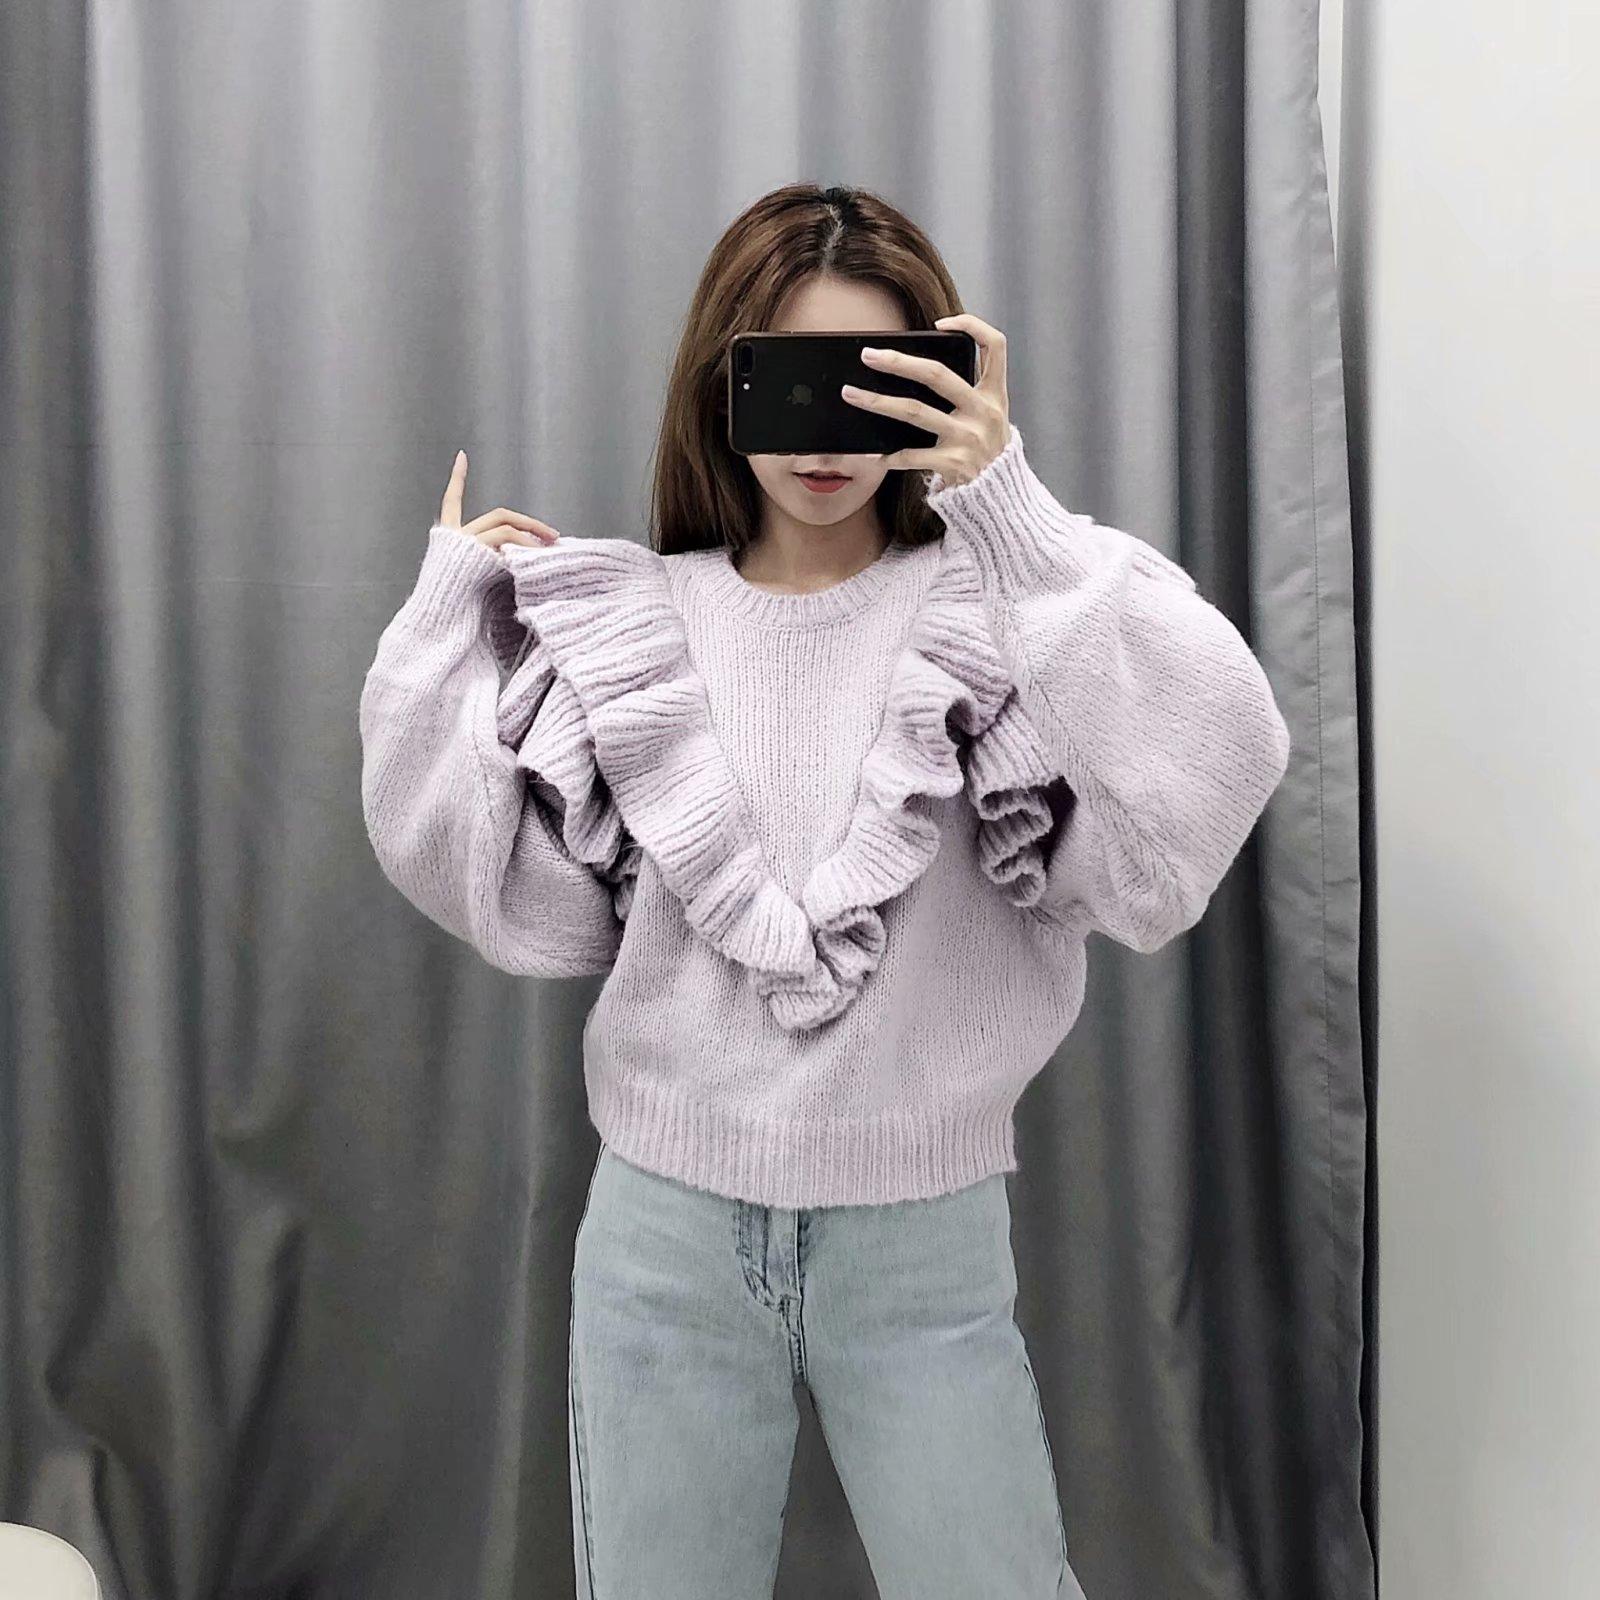 2019 новый женщины сложить слой декоративный свитер  09659100629 601111160974